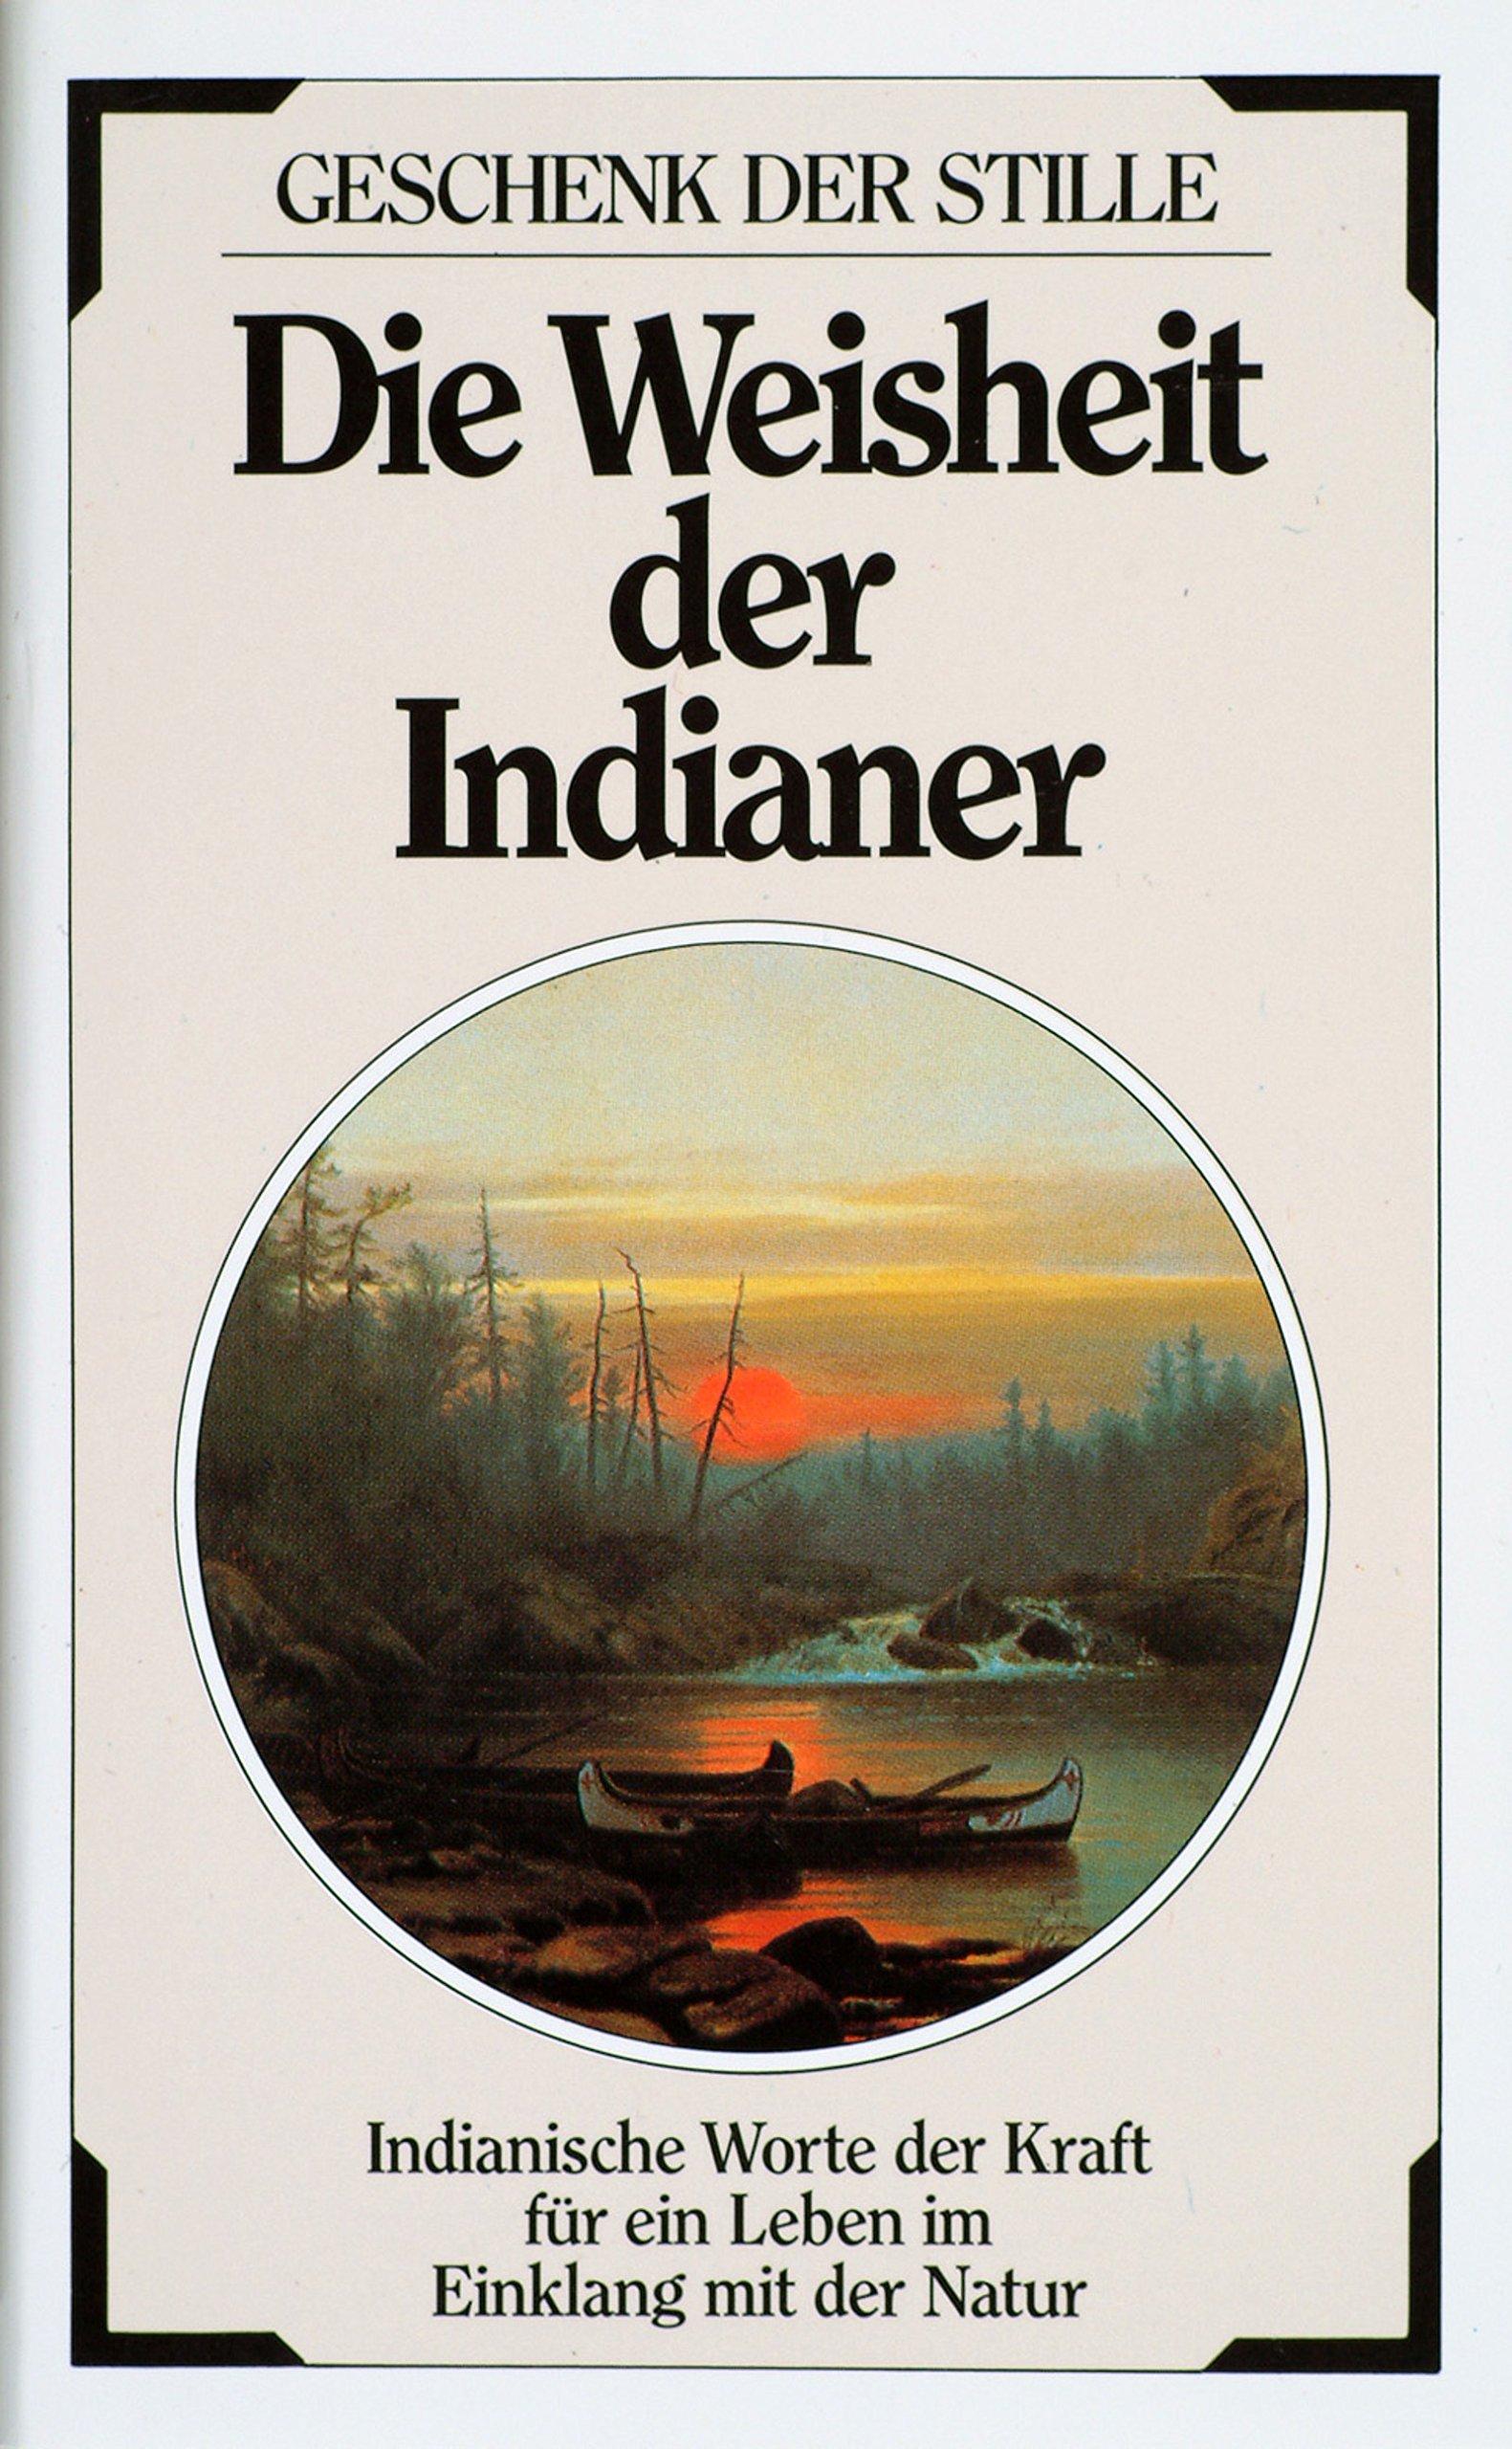 die-weisheit-der-indianer-indianische-worte-der-kraft-fr-ein-leben-im-einklang-mit-der-natur